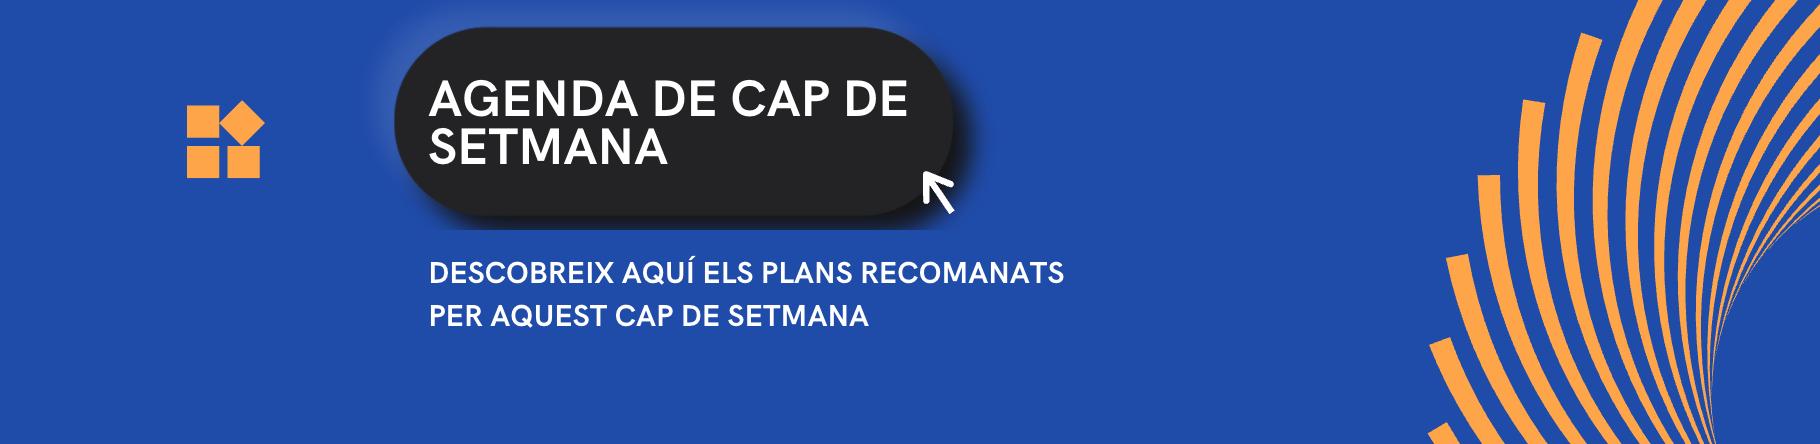 CAP DE SETMANA - AGENDA CAP DE SETMANA - que fer avui - festes catalunya